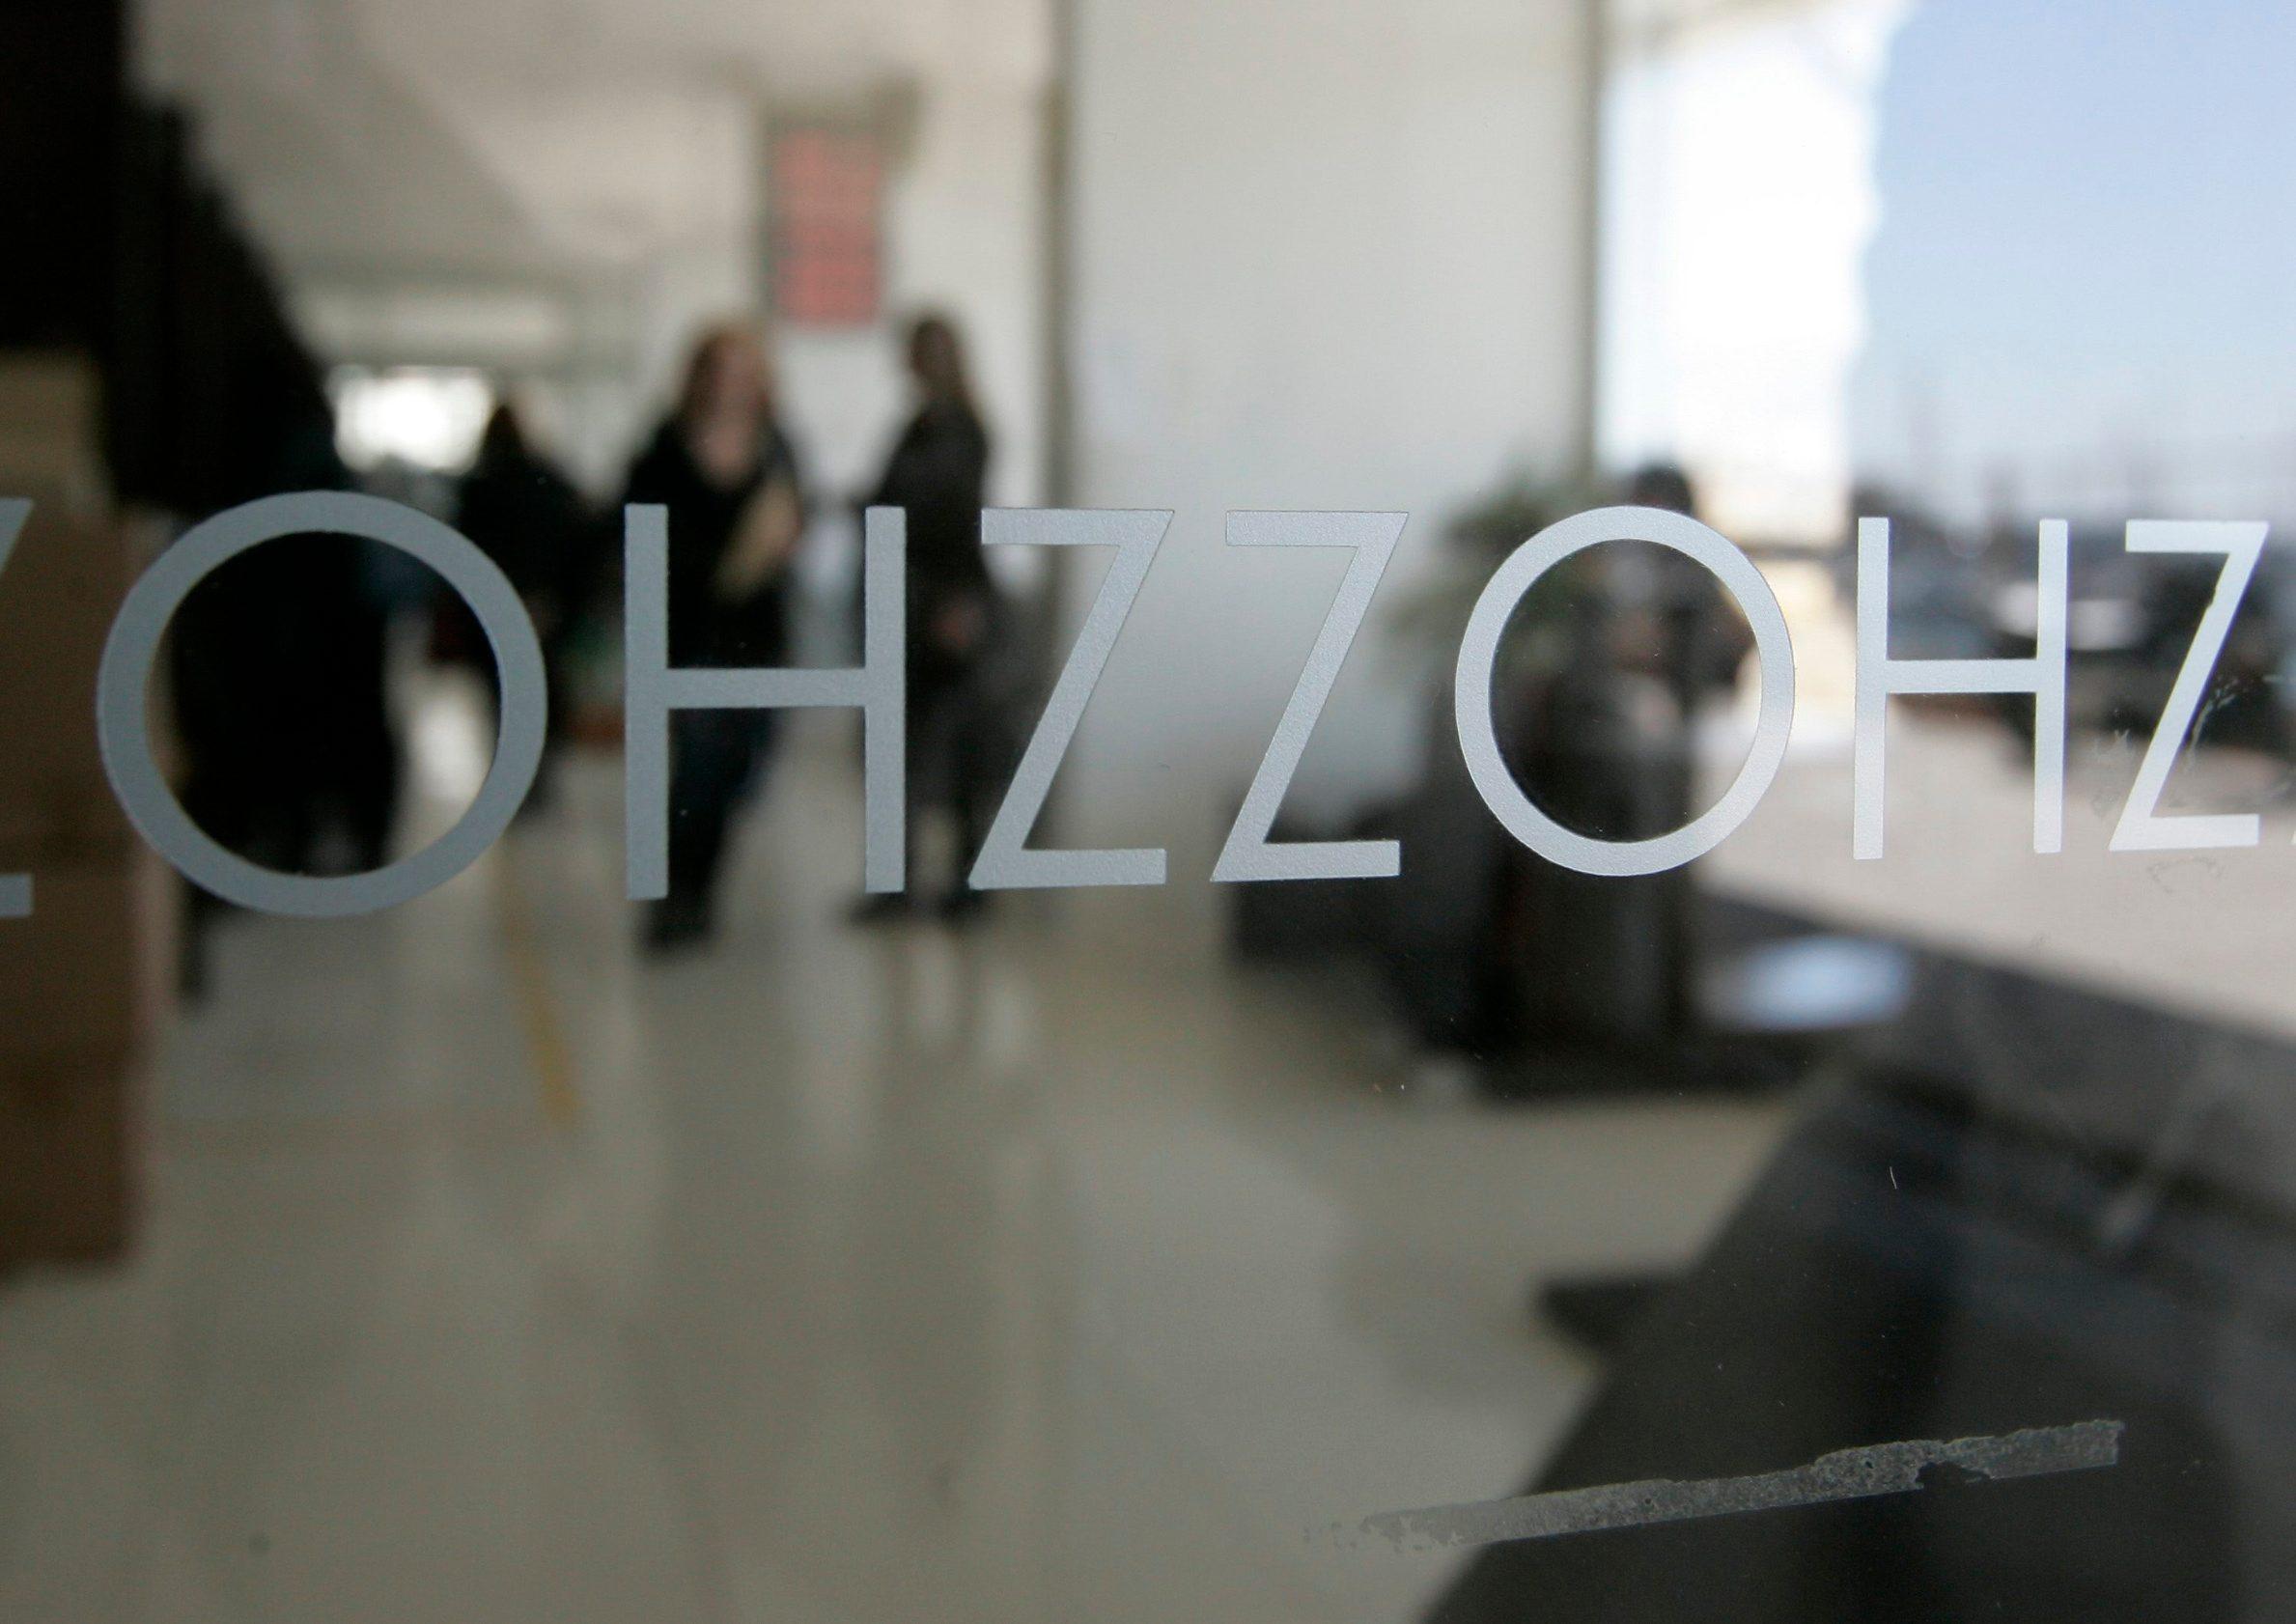 Hrvatski zavod za zdravstveno osiguranje područni ured Split